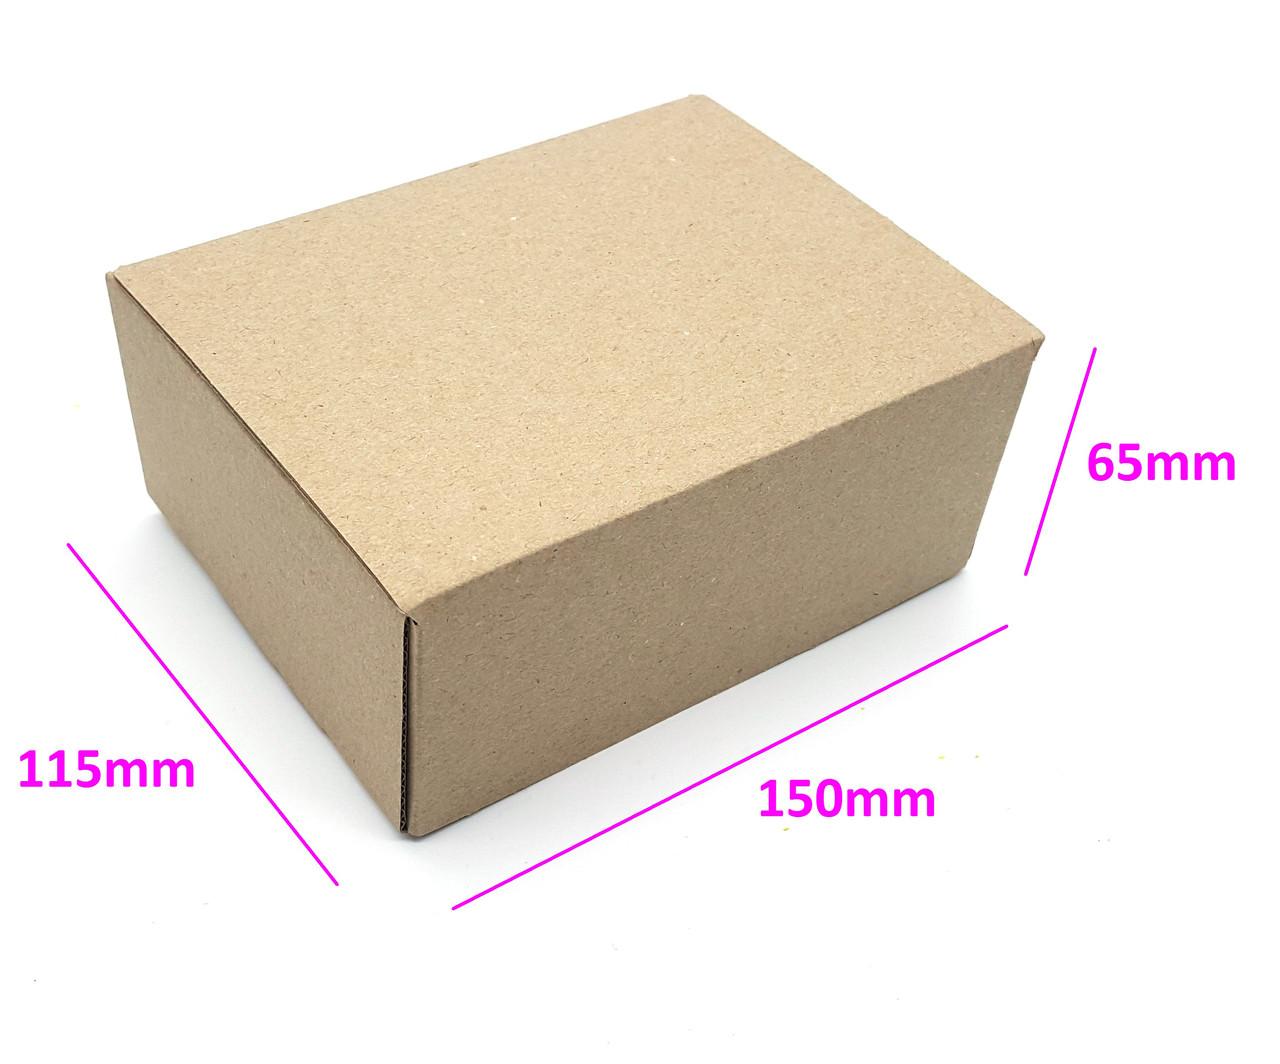 Картонная коробка для отправки посылок